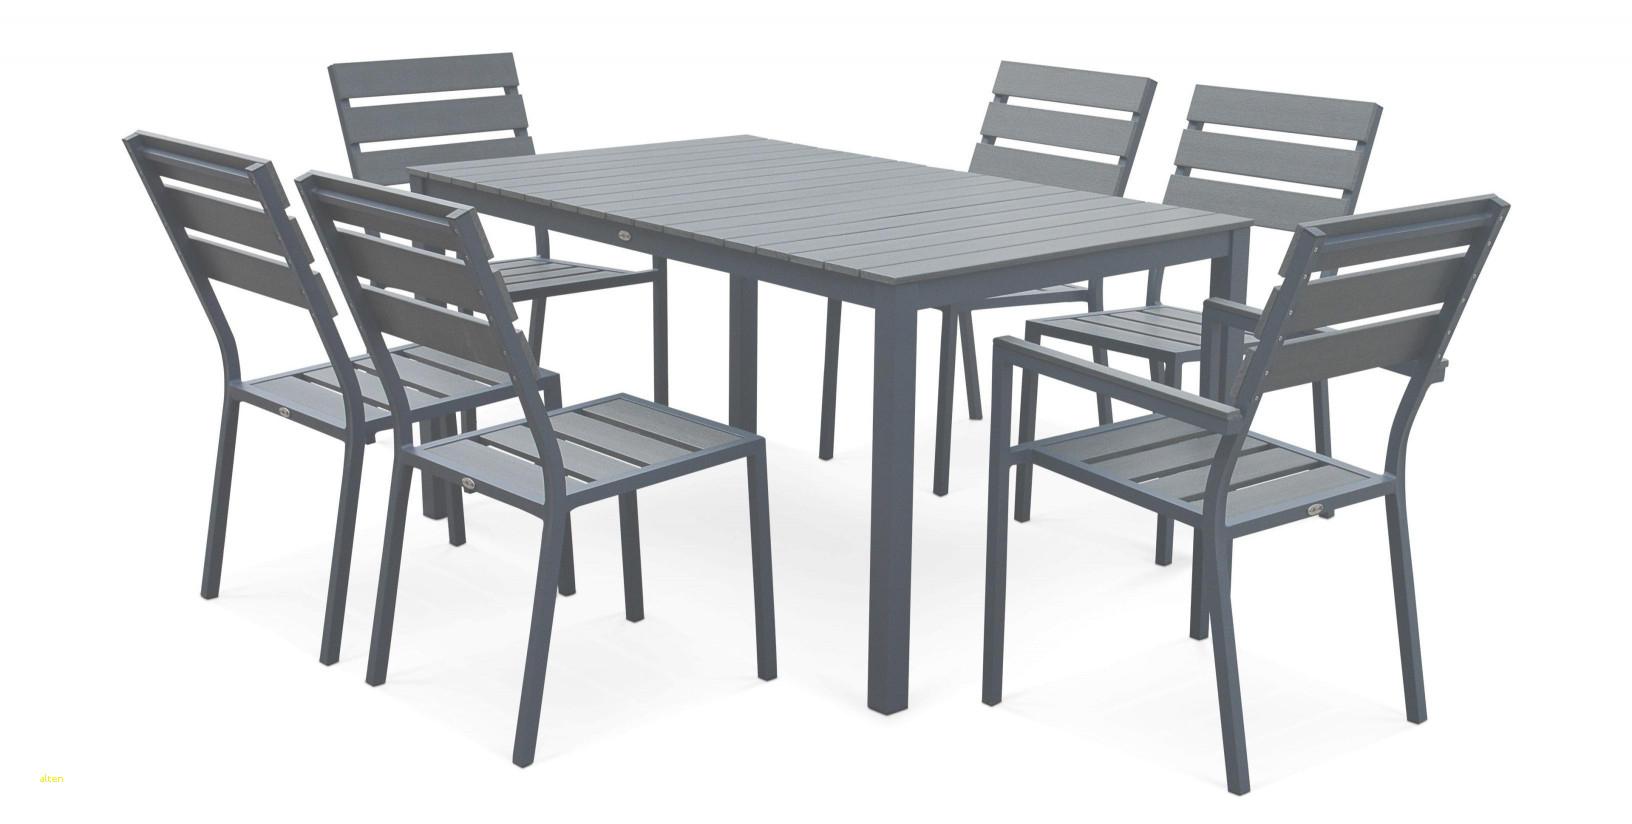 Table Et Chaises De Jardin Leclerc Luxe Images Table Et Chaises De Jardin Leclerc Beau Chaise De Jardin Leclerc